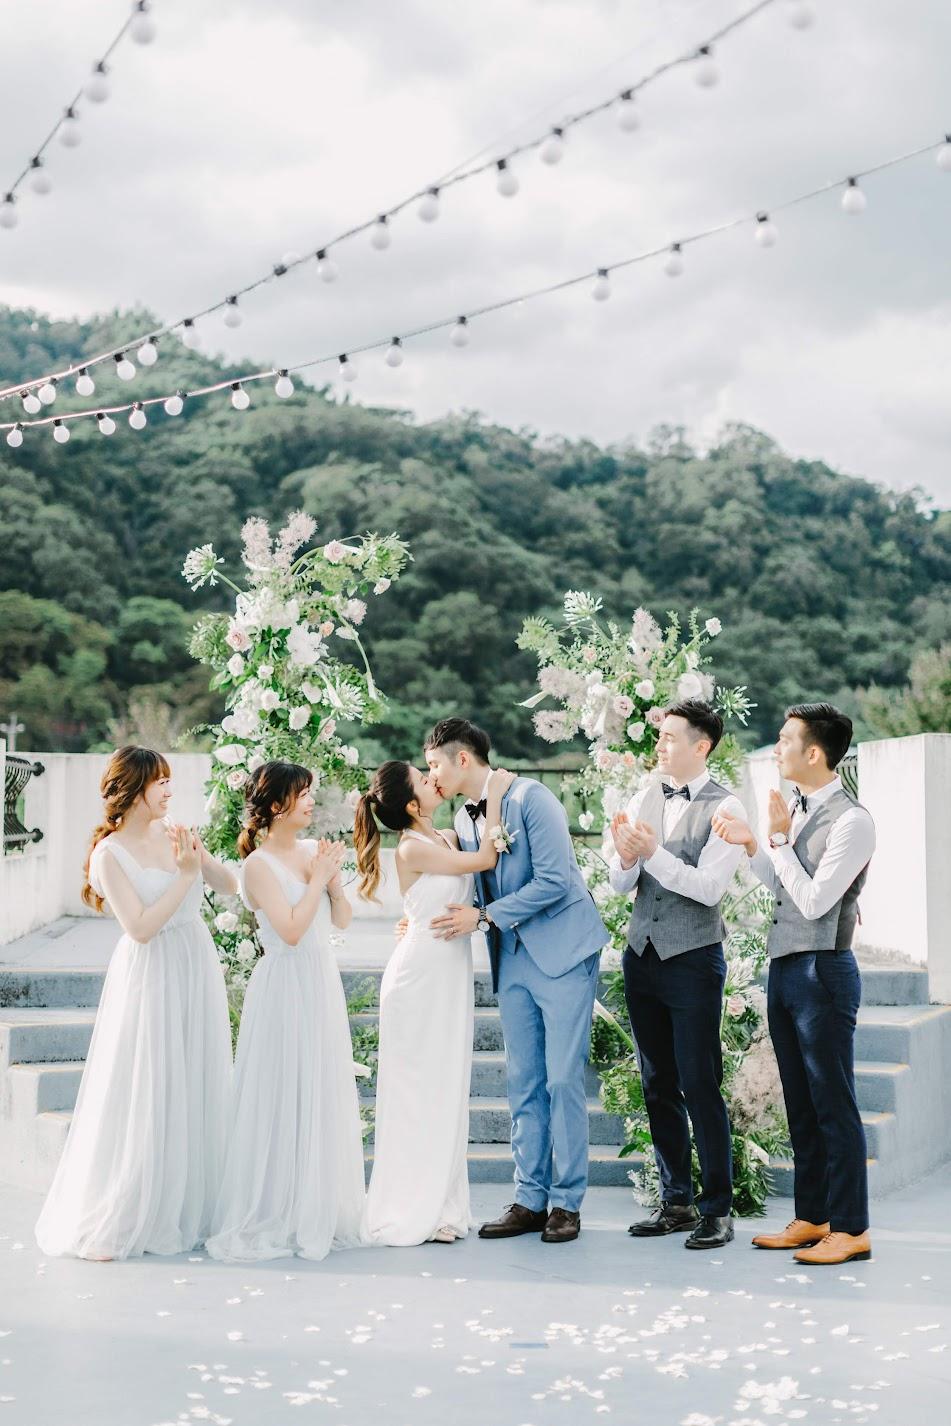 西式婚禮-美式婚禮-美式婚攝-戶外婚禮-Amazing Grace攝影